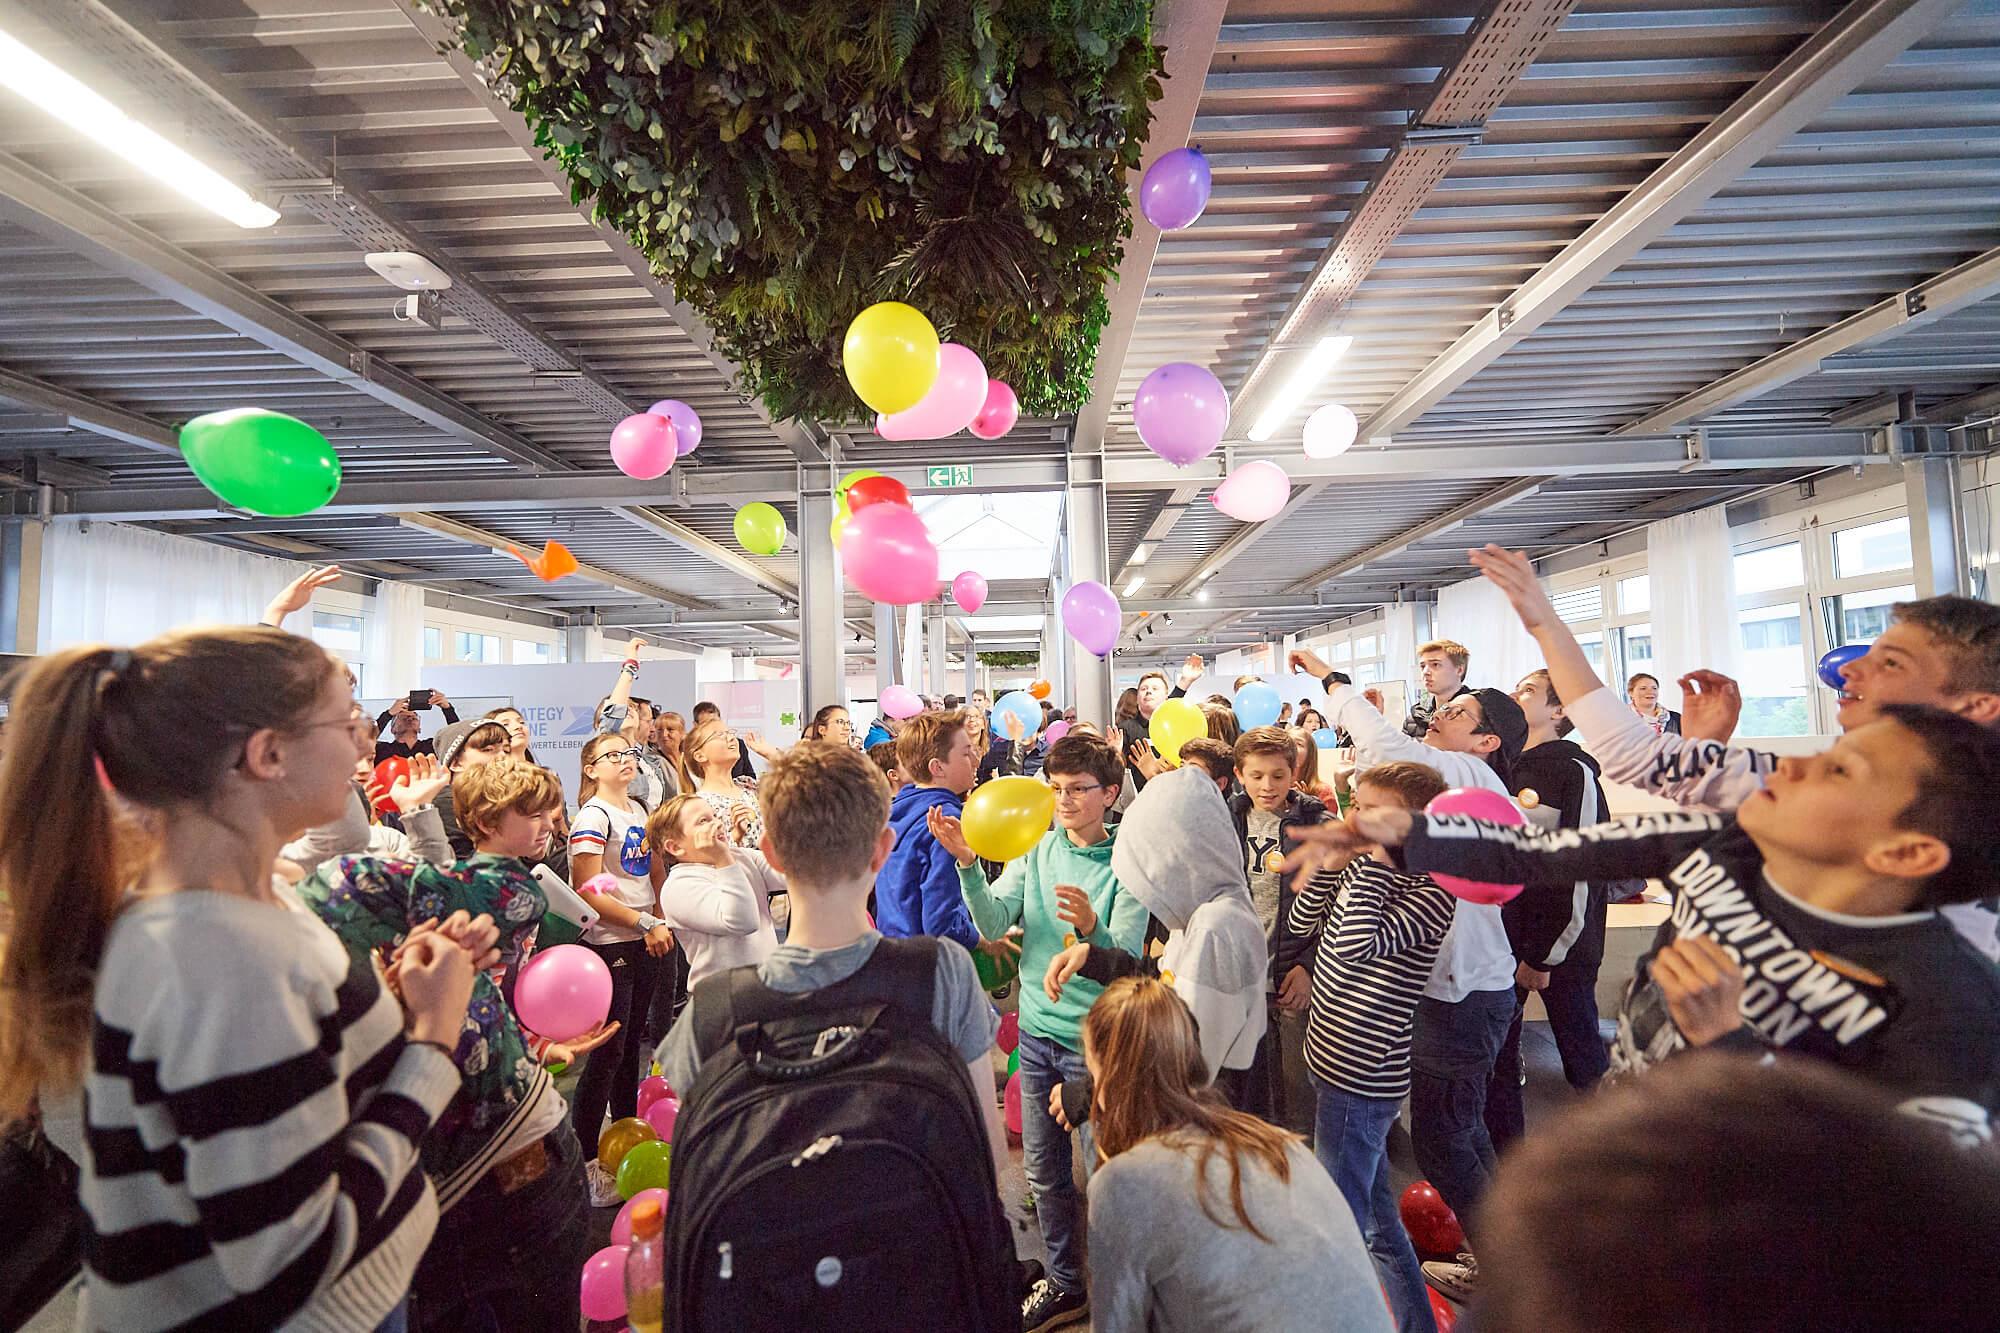 Viele Kinder und Jugendliche schlagen gemeinsam viele bunte Luftballons durch die Luft